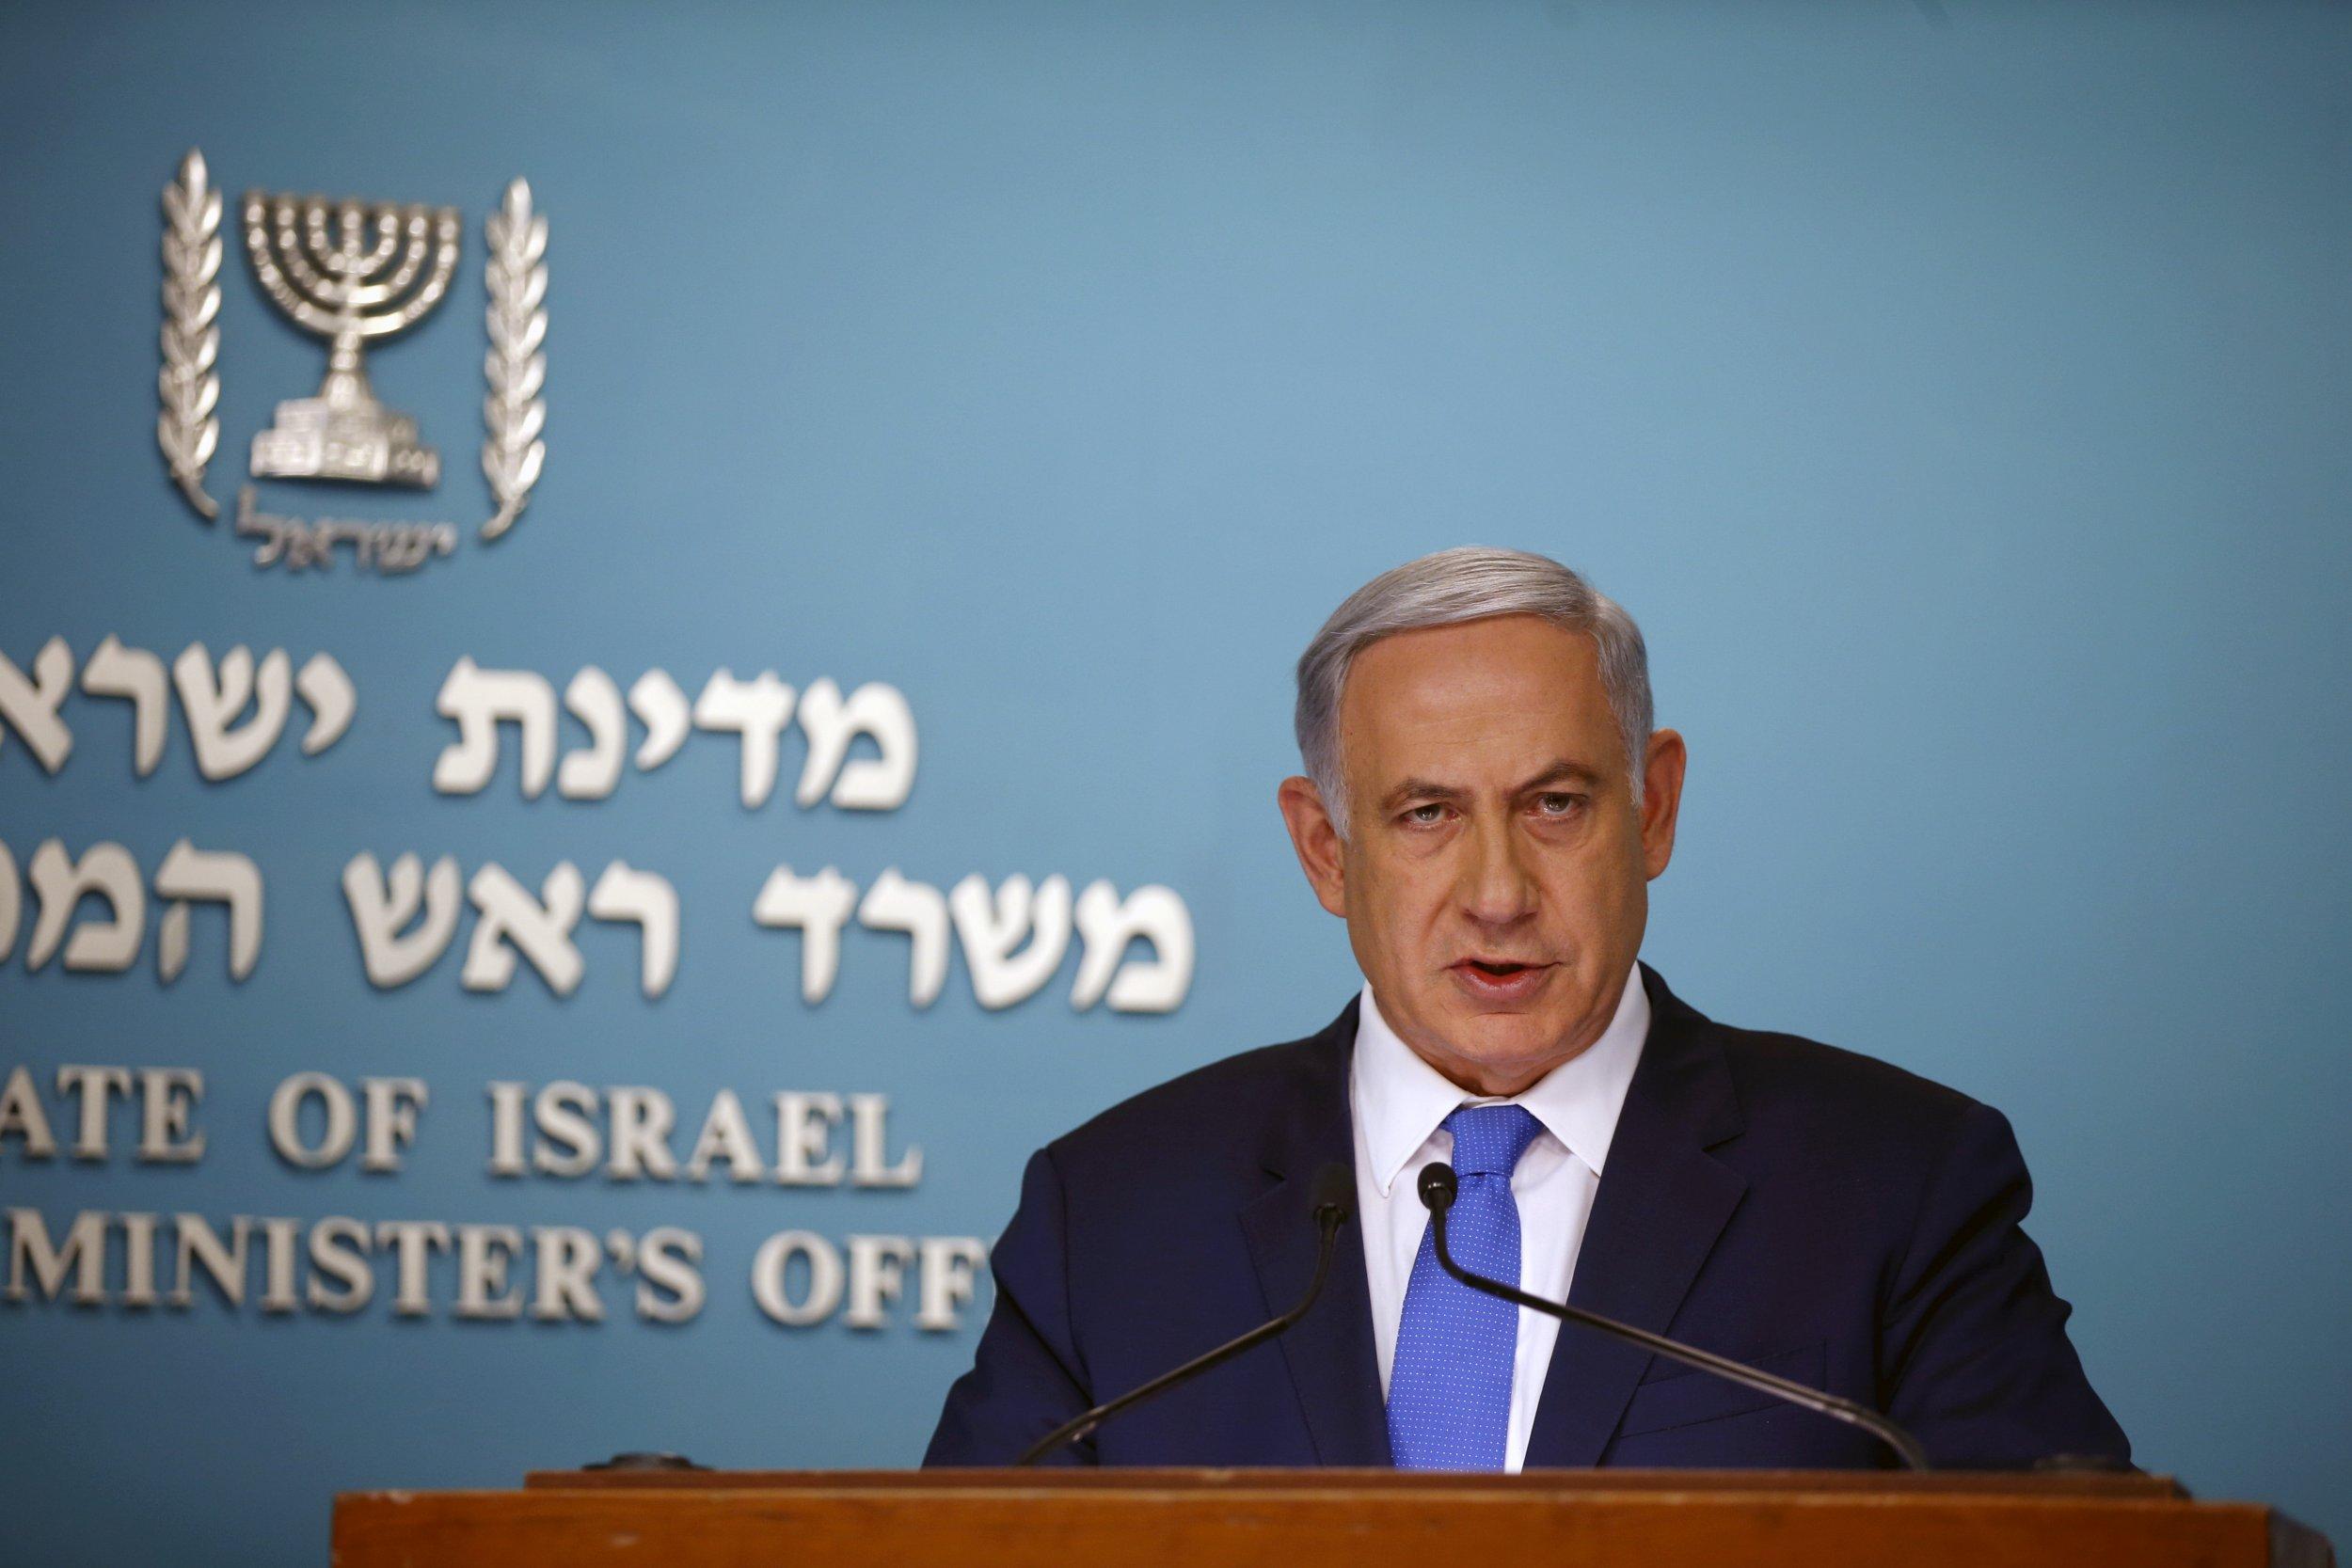 2016-03-24T230619Z_1_LYNXNPEC2N1G0_RTROPTP_4_ISRAEL-POLITICS